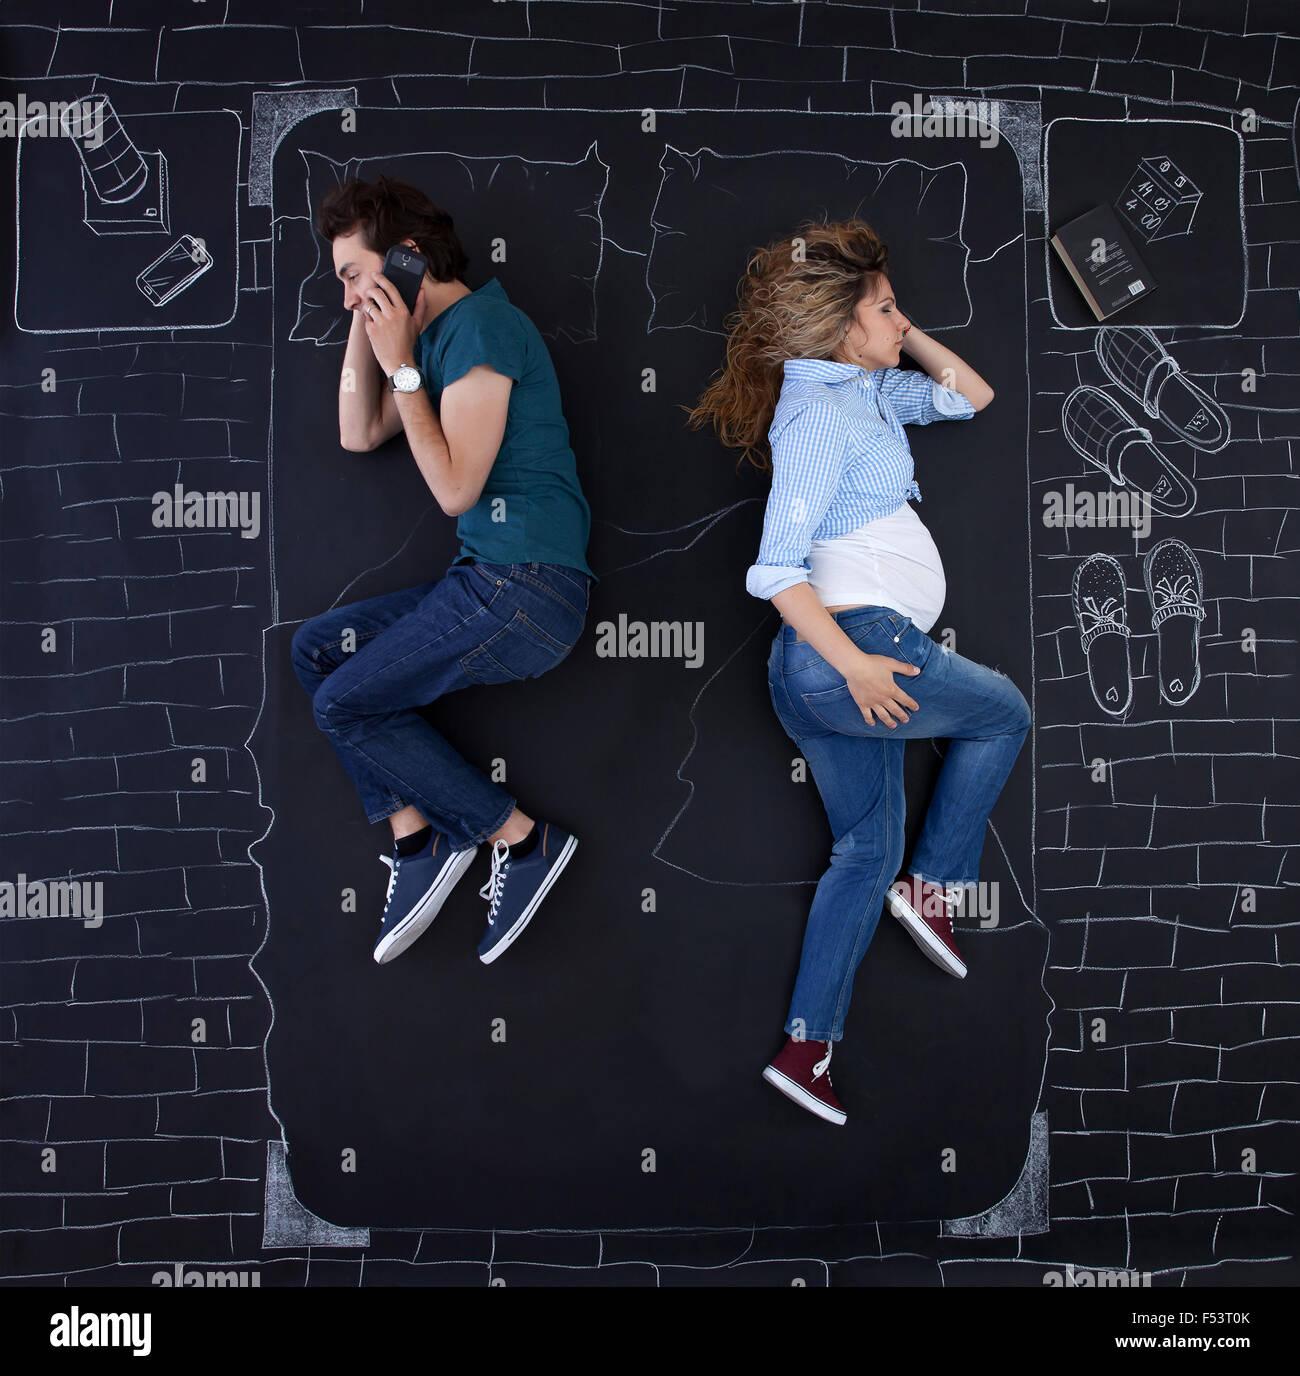 Coppia giovane delle attività in letto. L'uomo sta parlando al telefono mentre lei sta dormendo. Immagini Stock